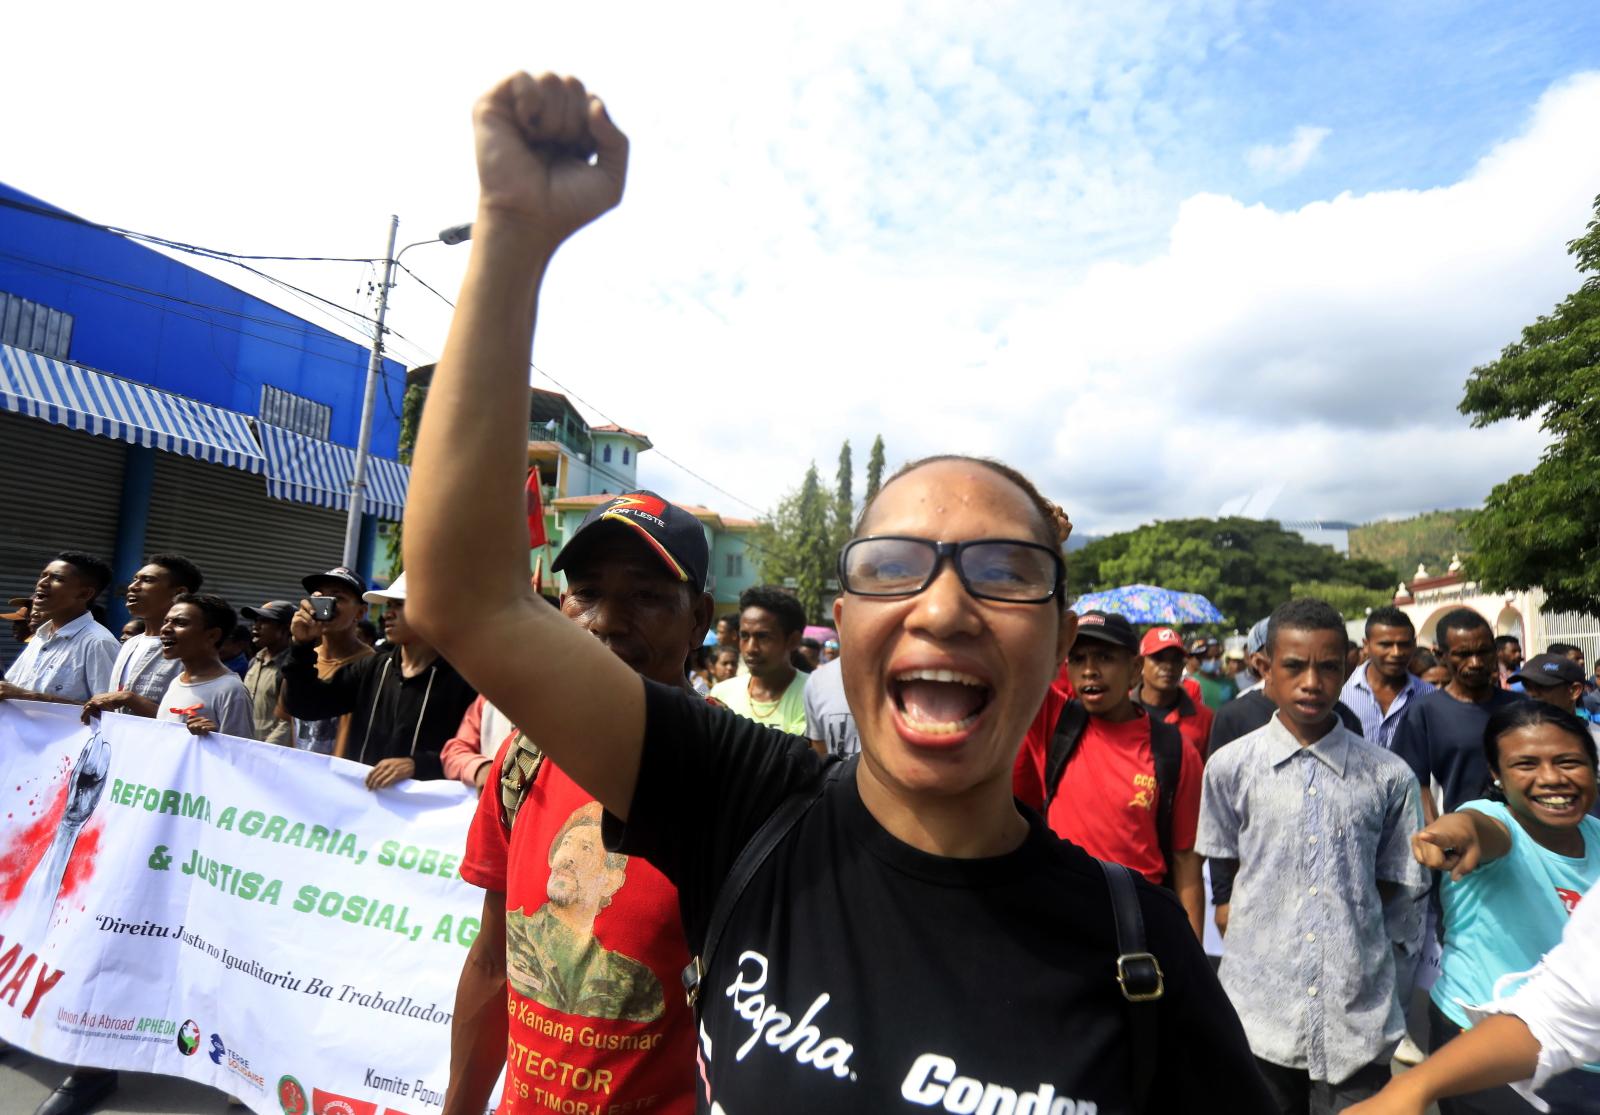 Święto Pracy w Timorze Wschodnim EPA/ANTONIO DASIPARU